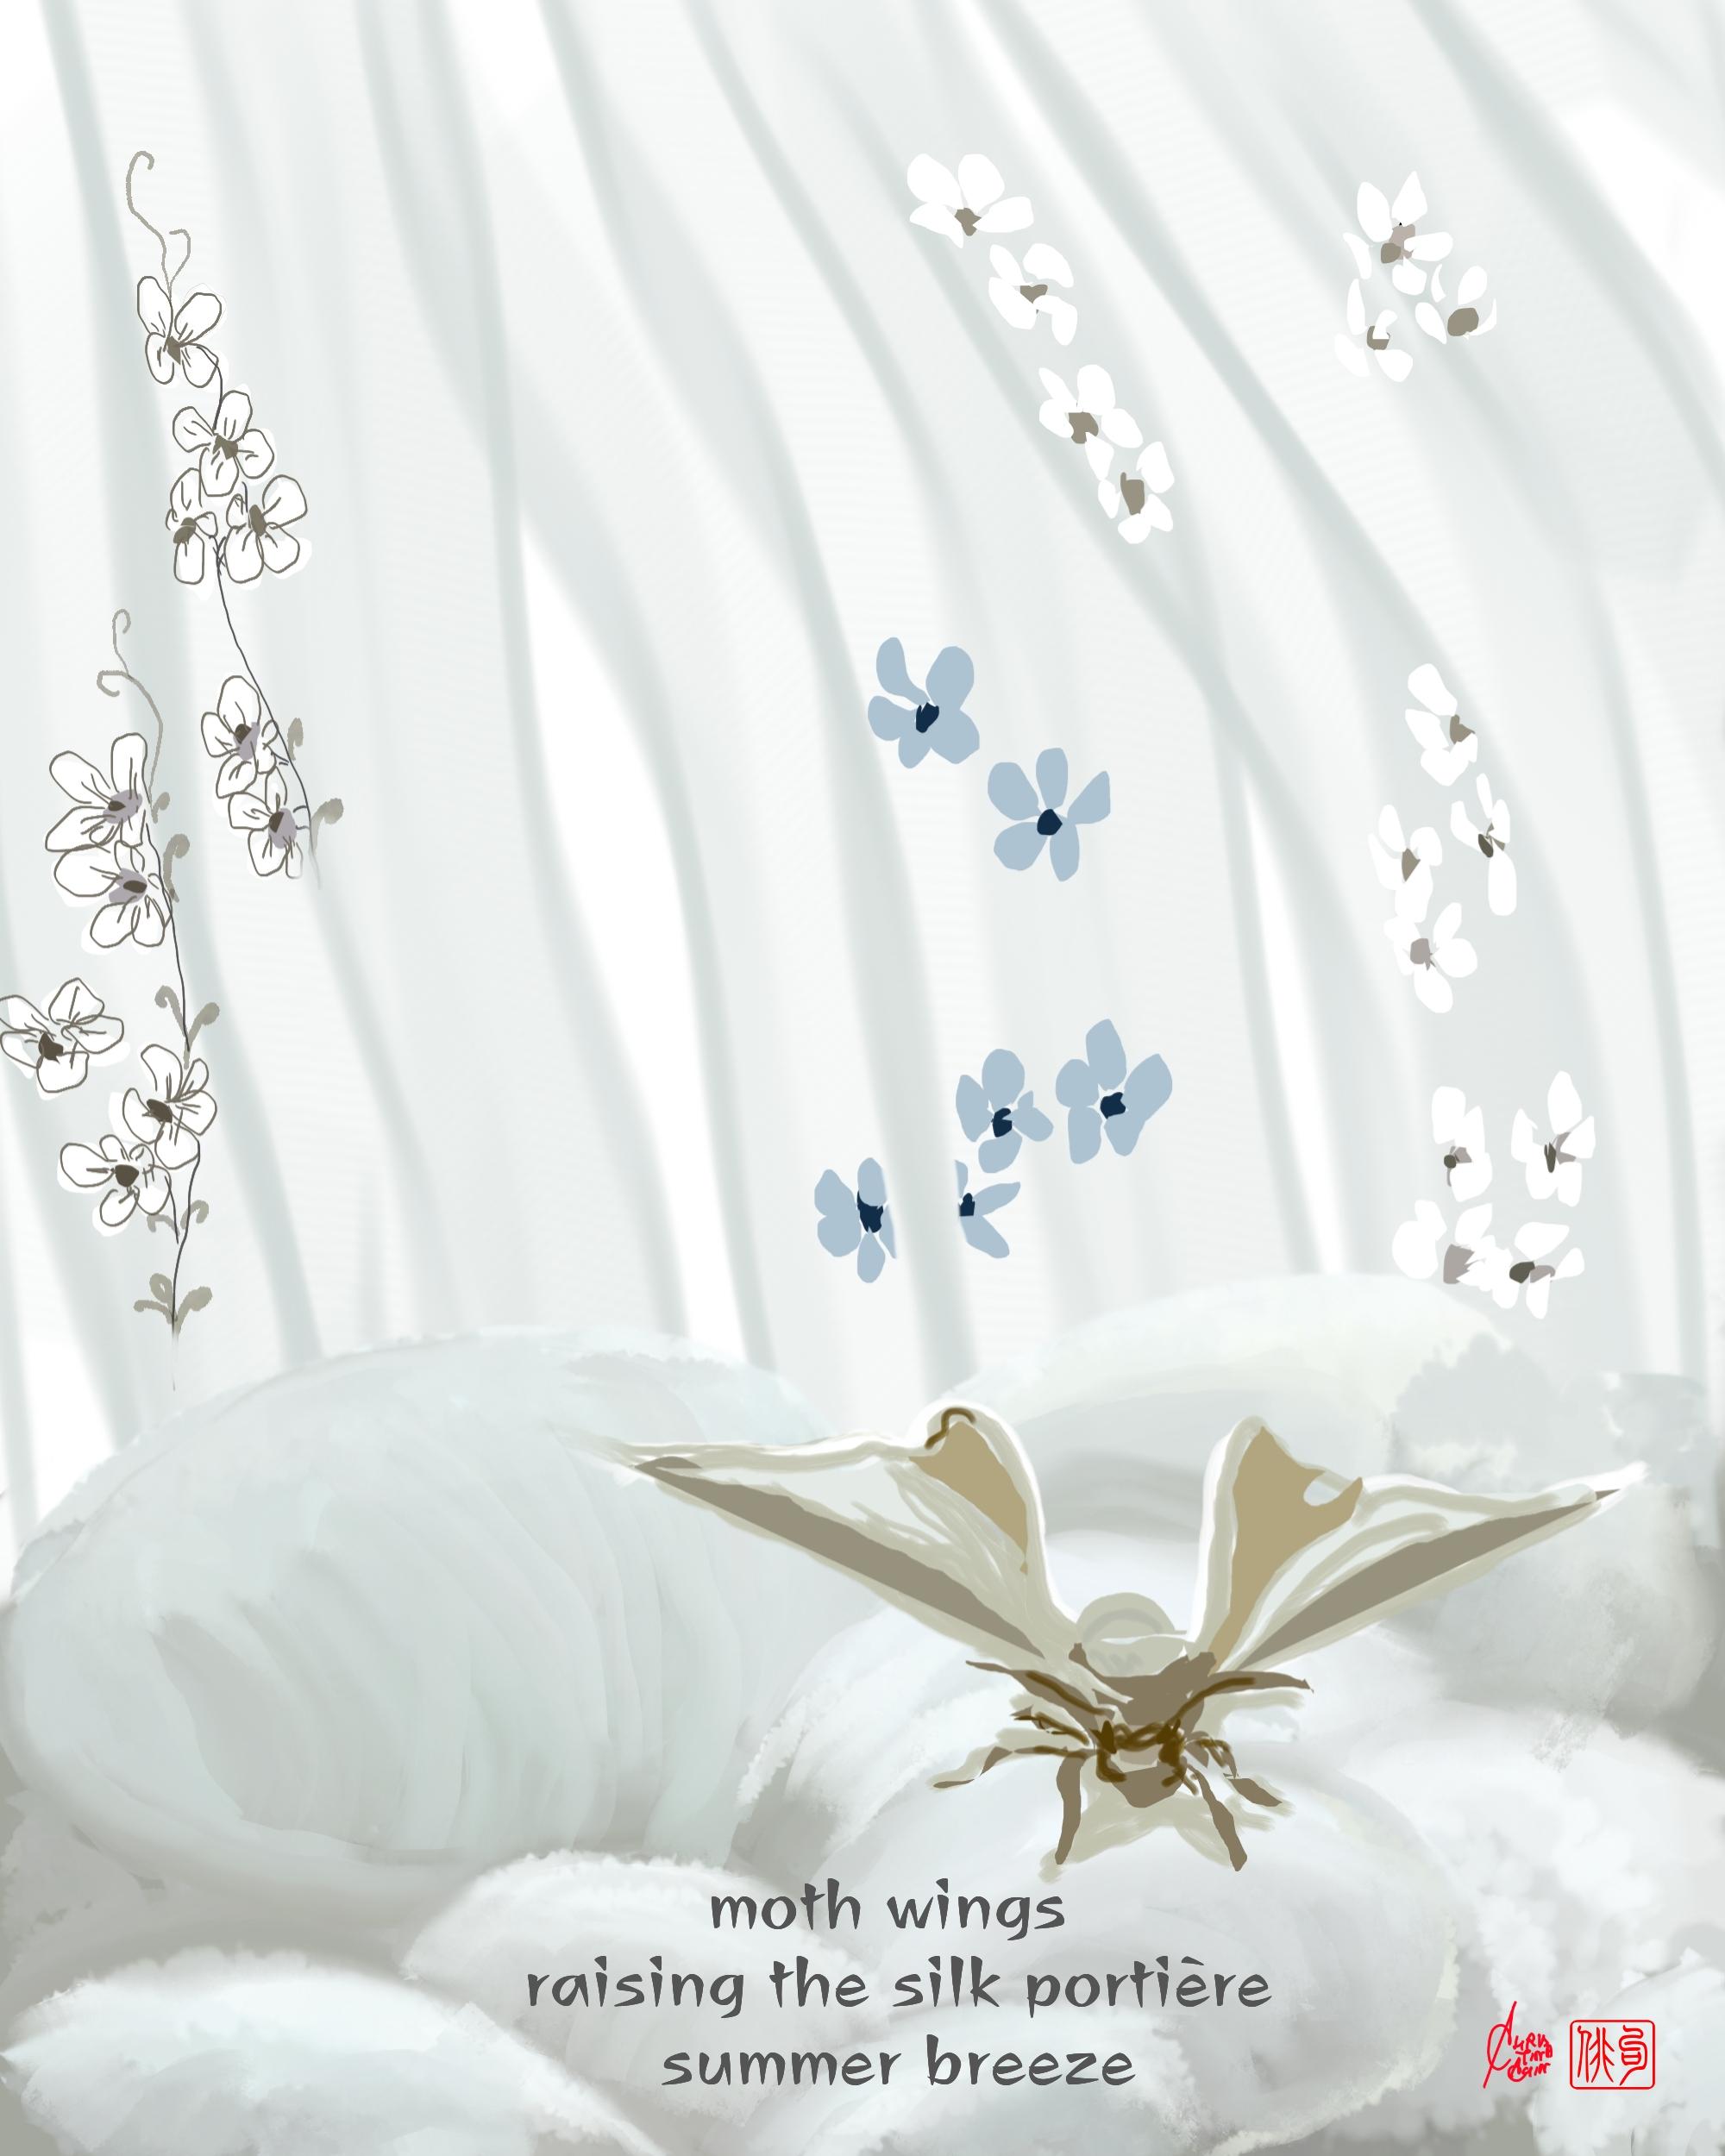 ChristinaChin silk portière Cantos 2021